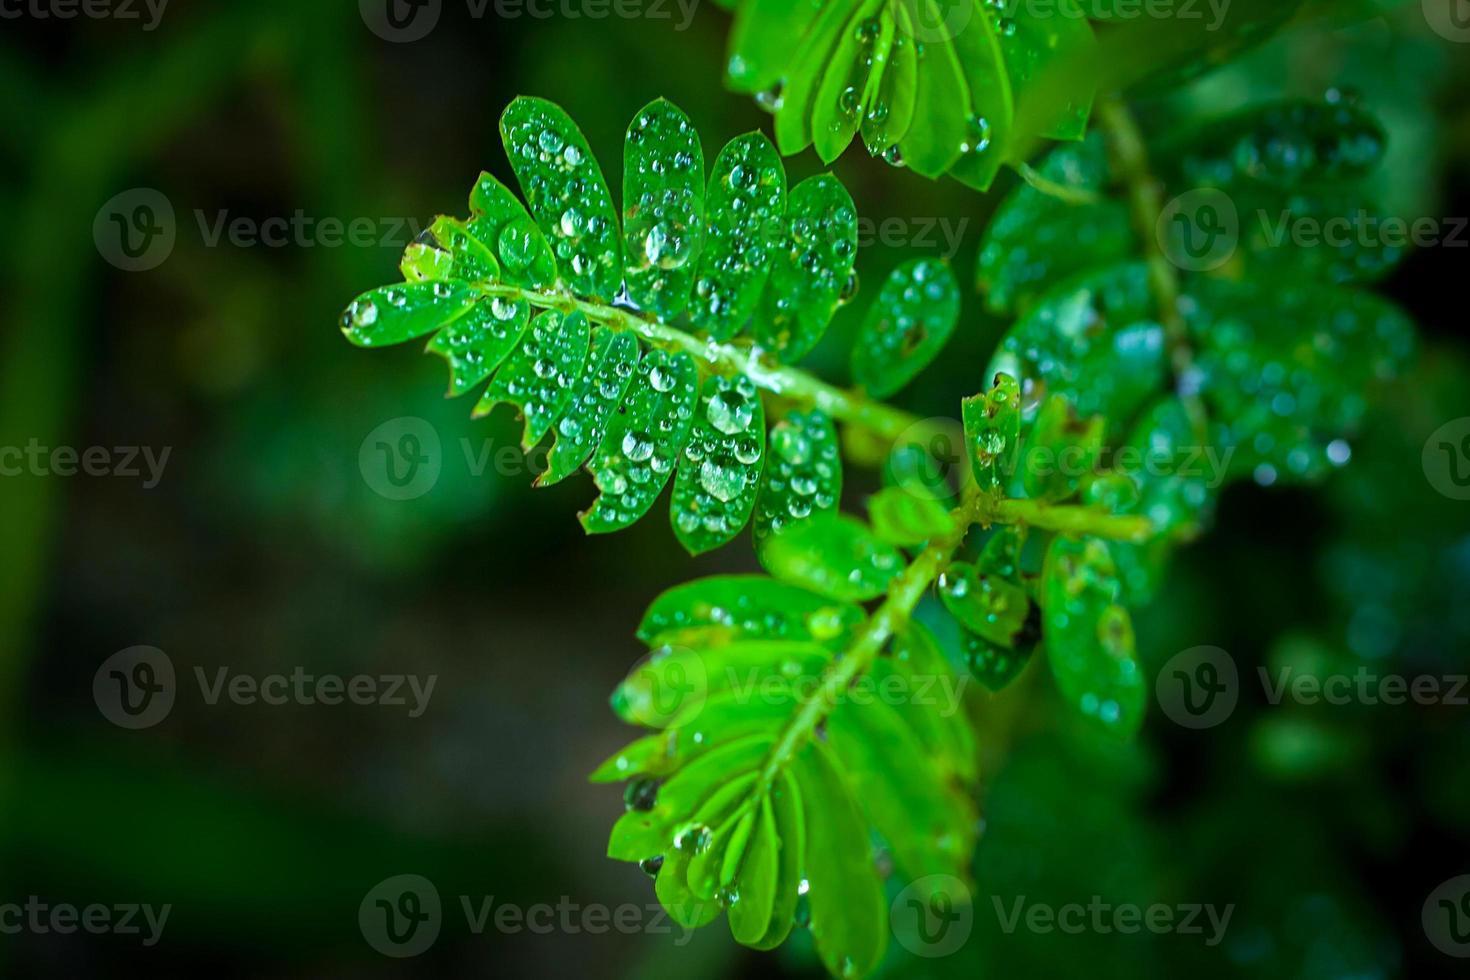 gouttes d'eau sur l'herbe verte. macro photo